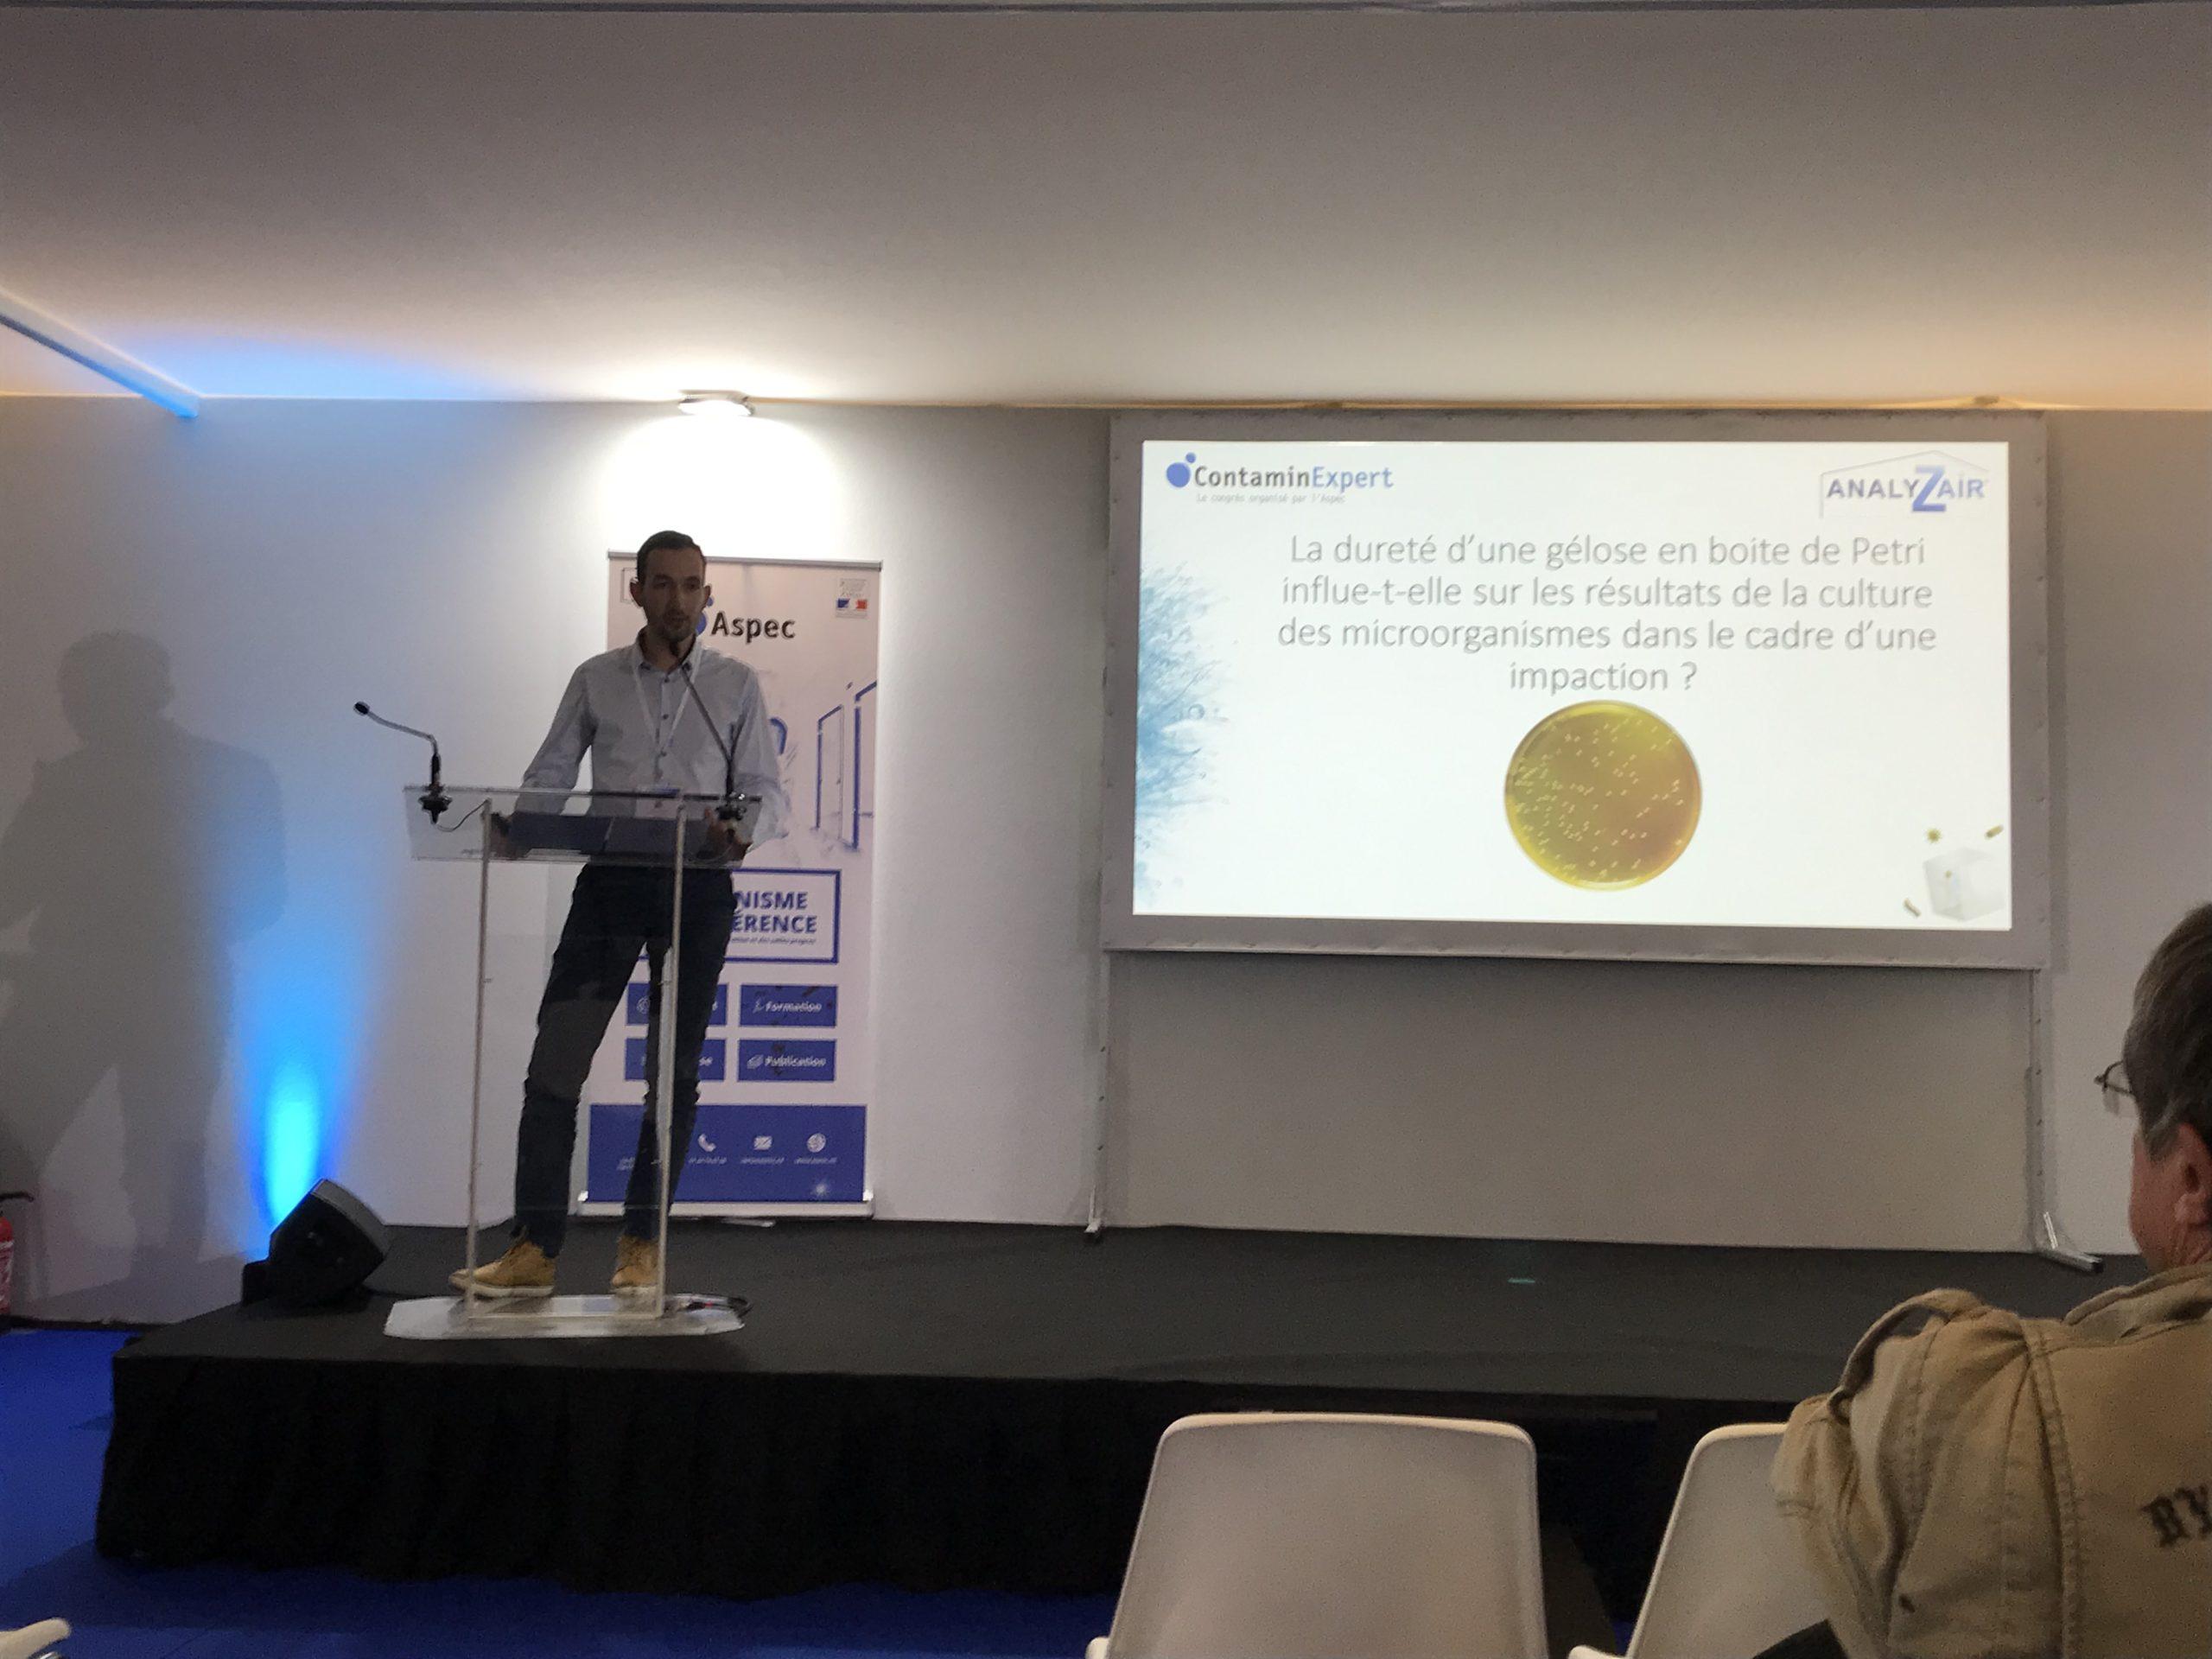 Analyzair était présent au congrès scientifique et technique ContaminExpert